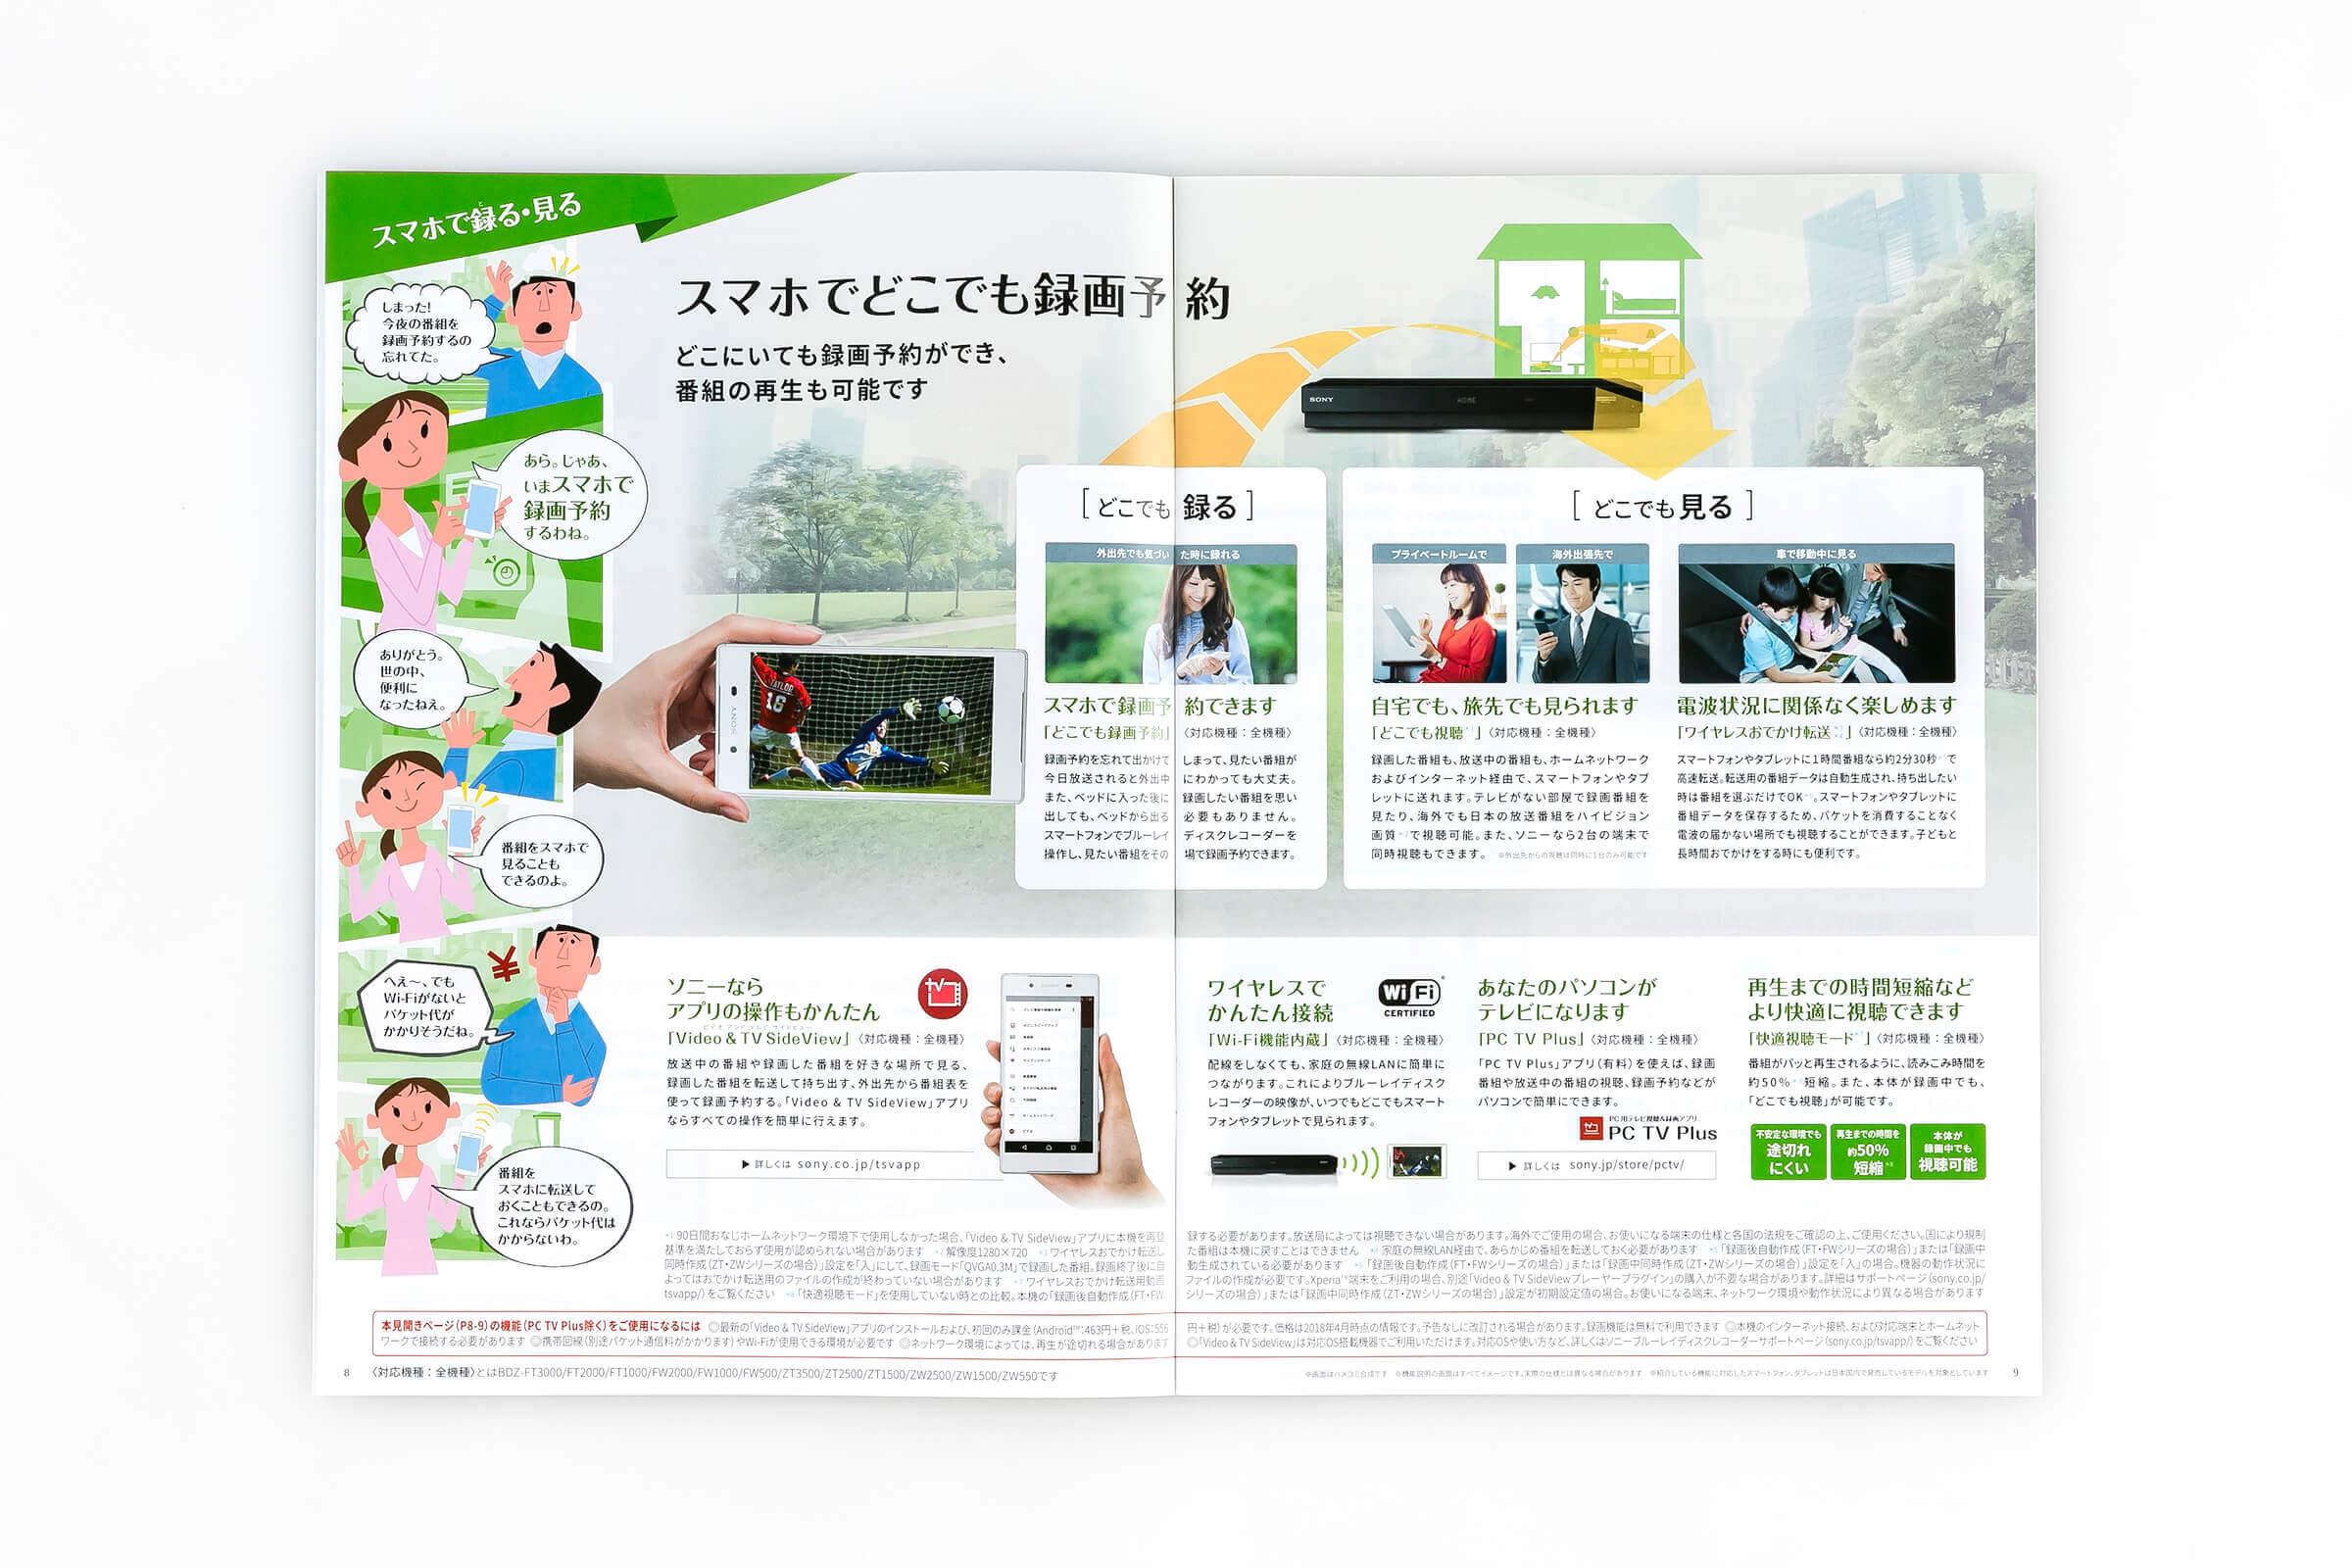 ブルーレイディスク/DVDレコーダー総合パンフレット2018年春号 8-9どこでも録る見る説明ページ